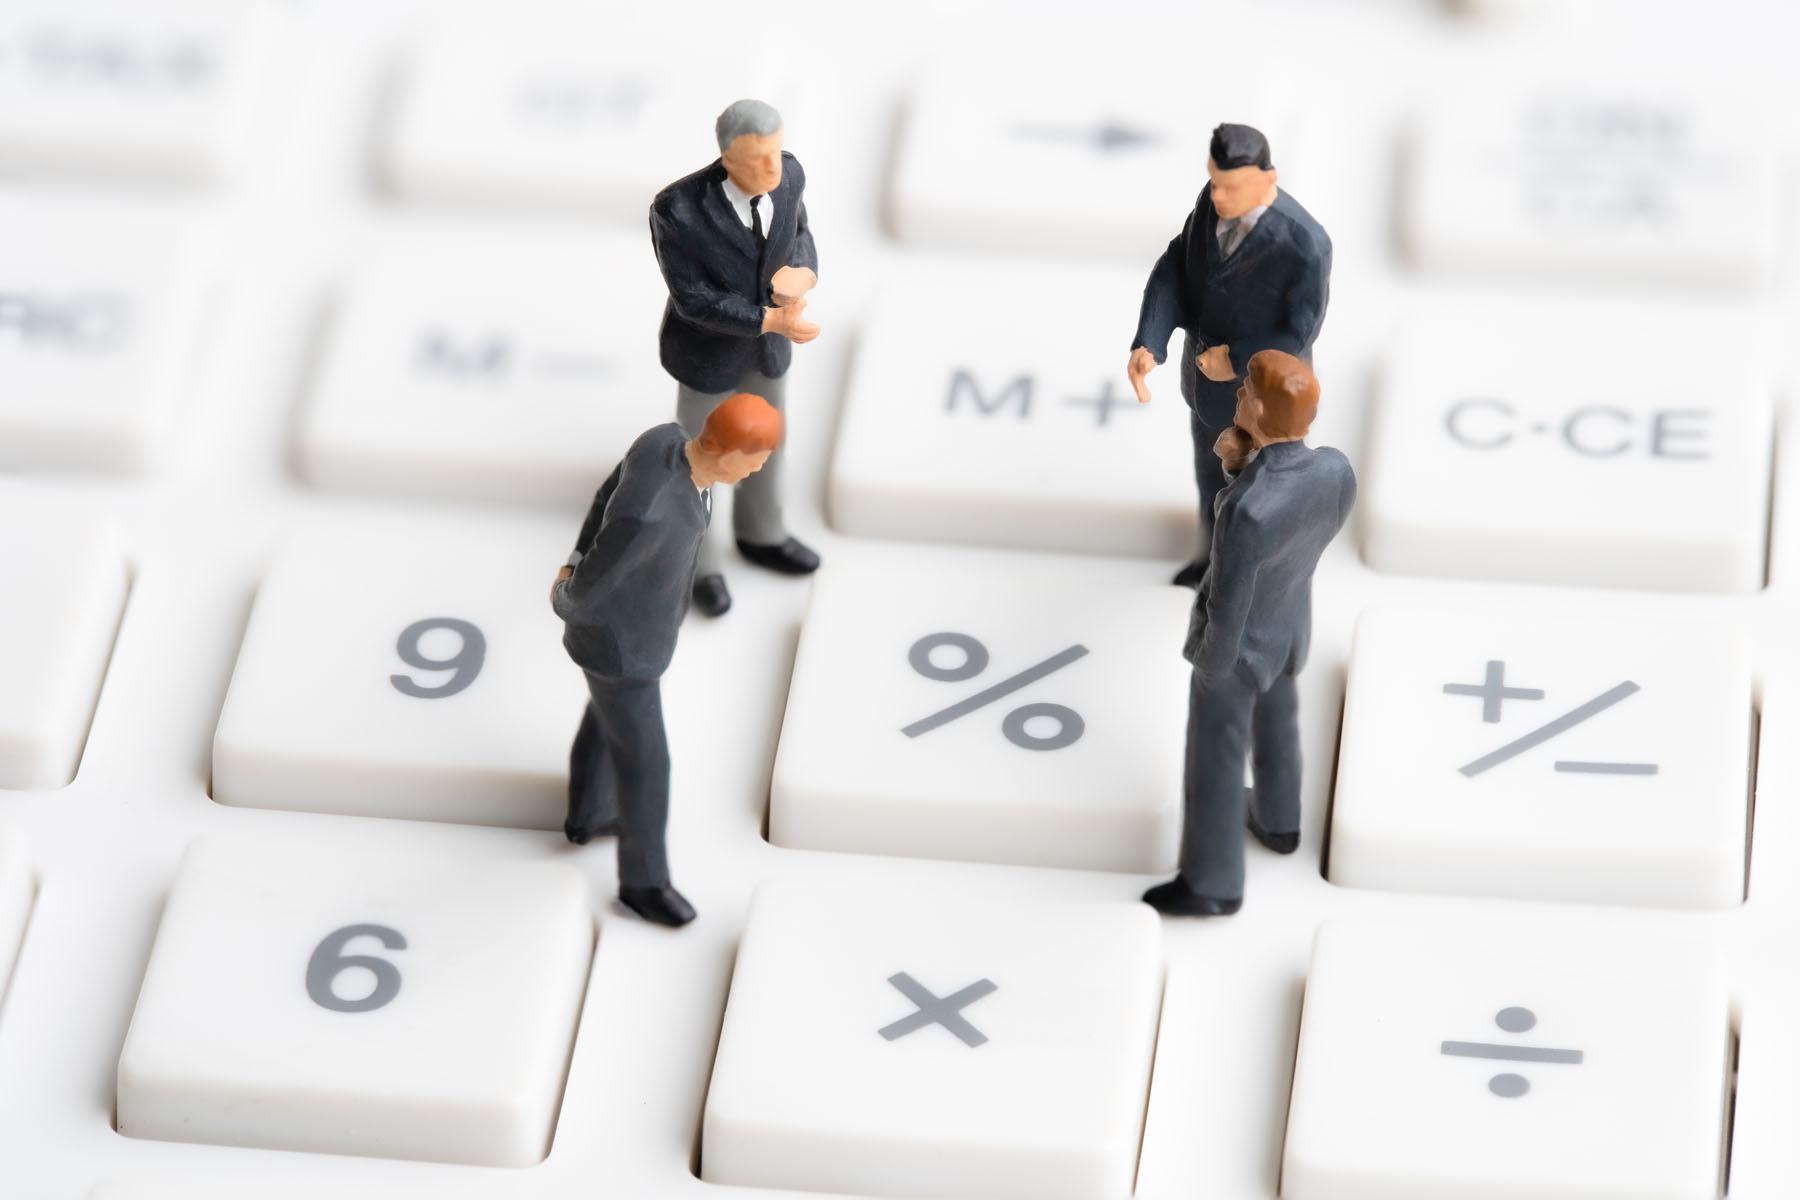 deducción de impuestos para empresas